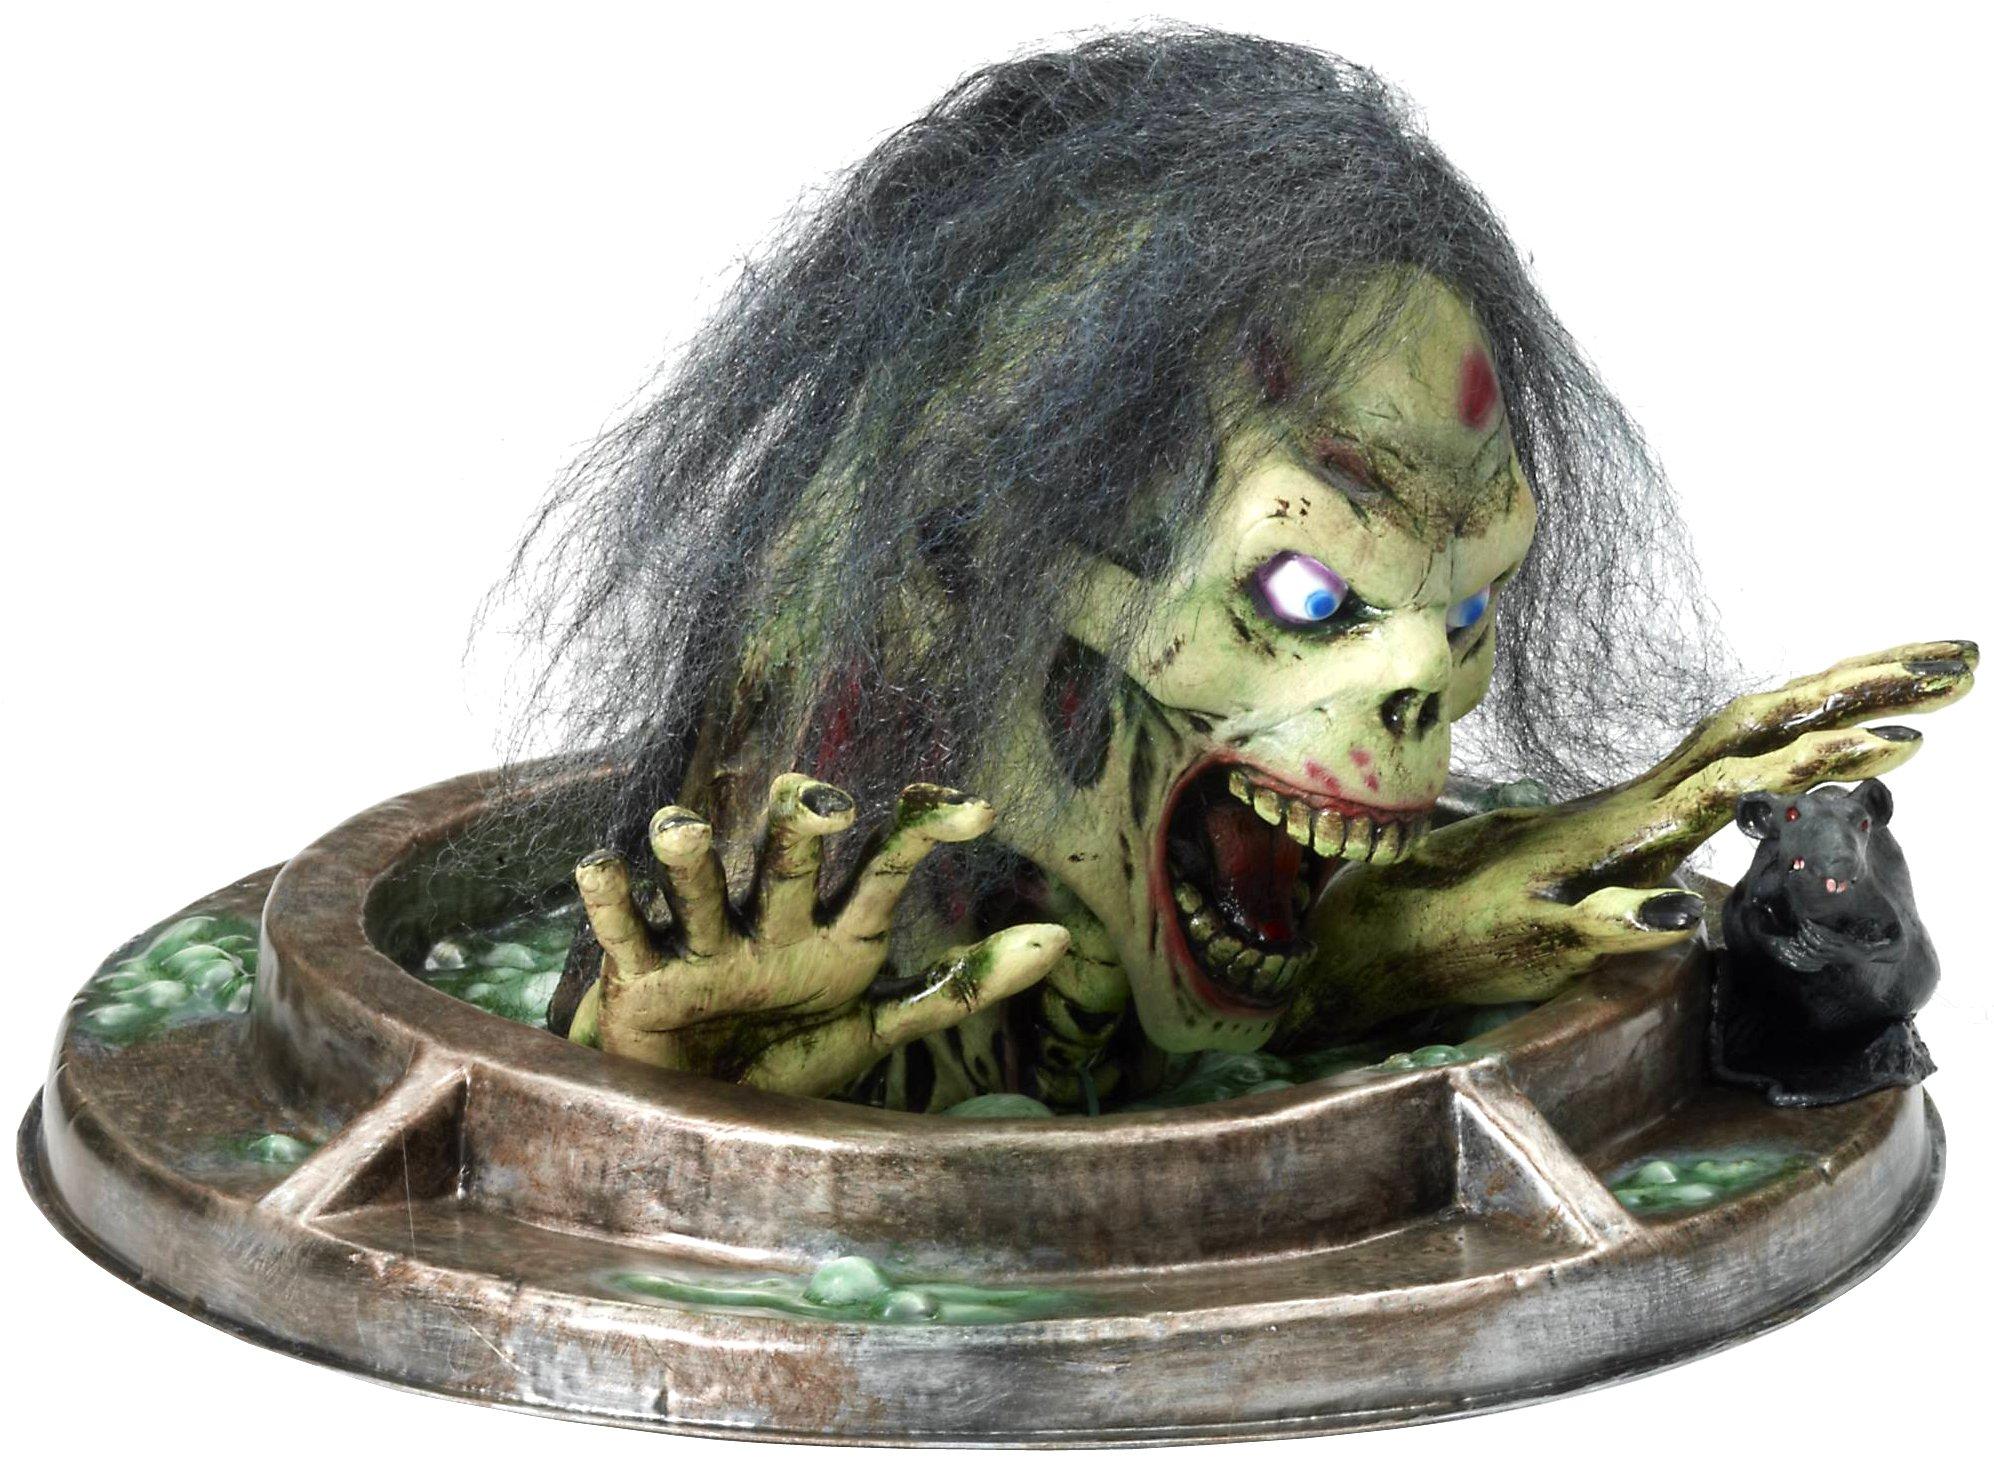 Forum Novelties Manhole Monster Zombie Prop for Party Decoration, Multicolor